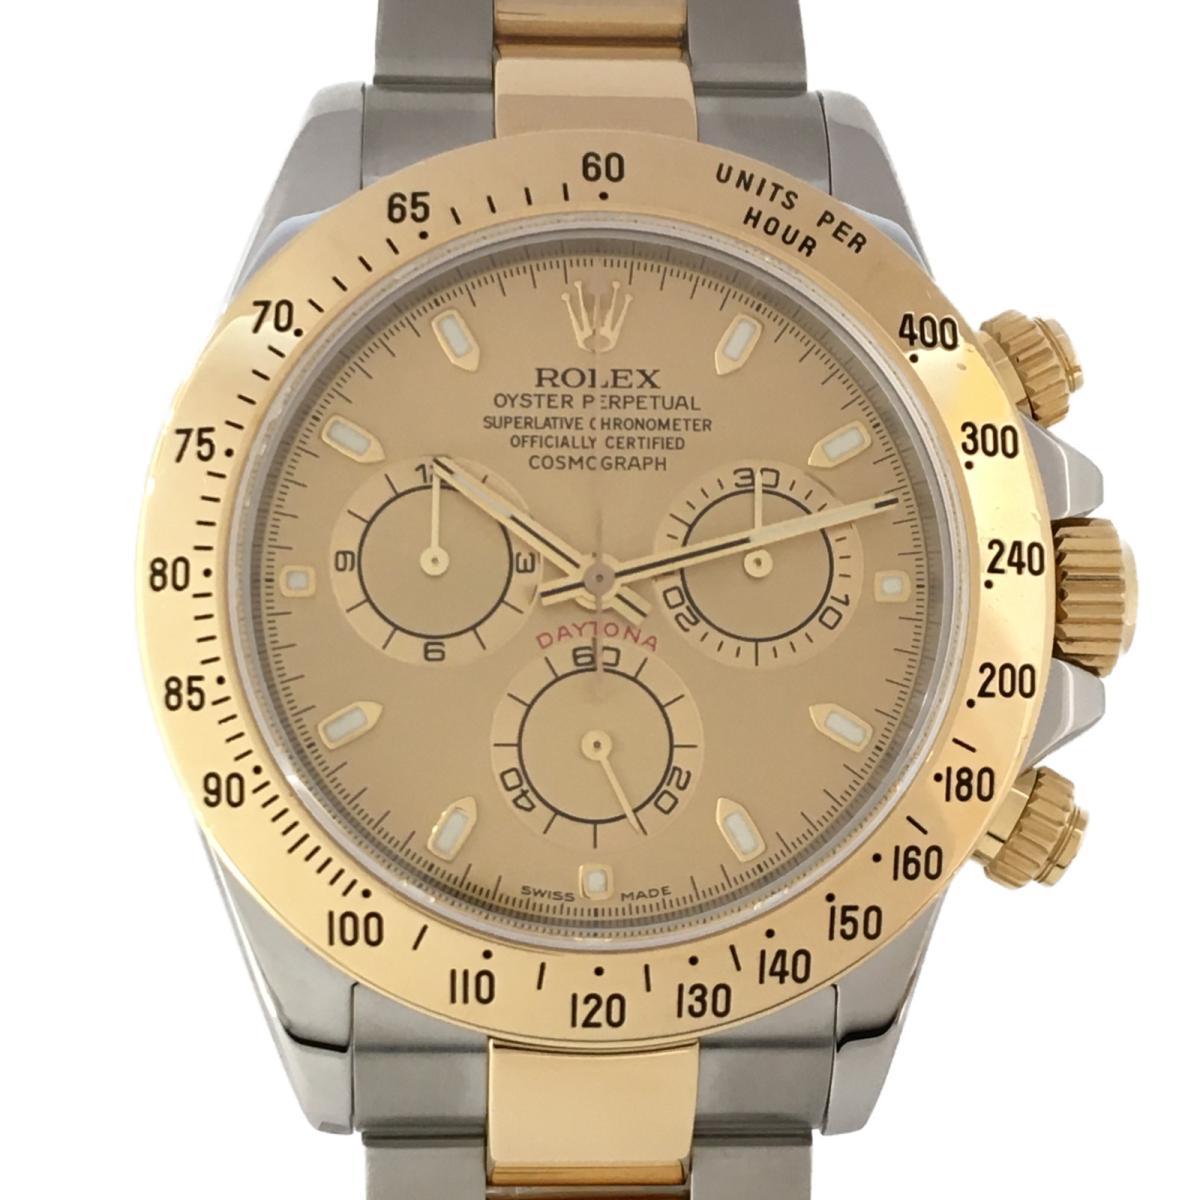 本物保証!  【 ウォッチ】ロレックス デイトナ 時計 腕時計 腕時計 ウォッチ 時計 メンズ K18YG(750)イエローゴールド×ステンレススチール (116523), おおみ食品:771cb4bd --- eamgalib.ru